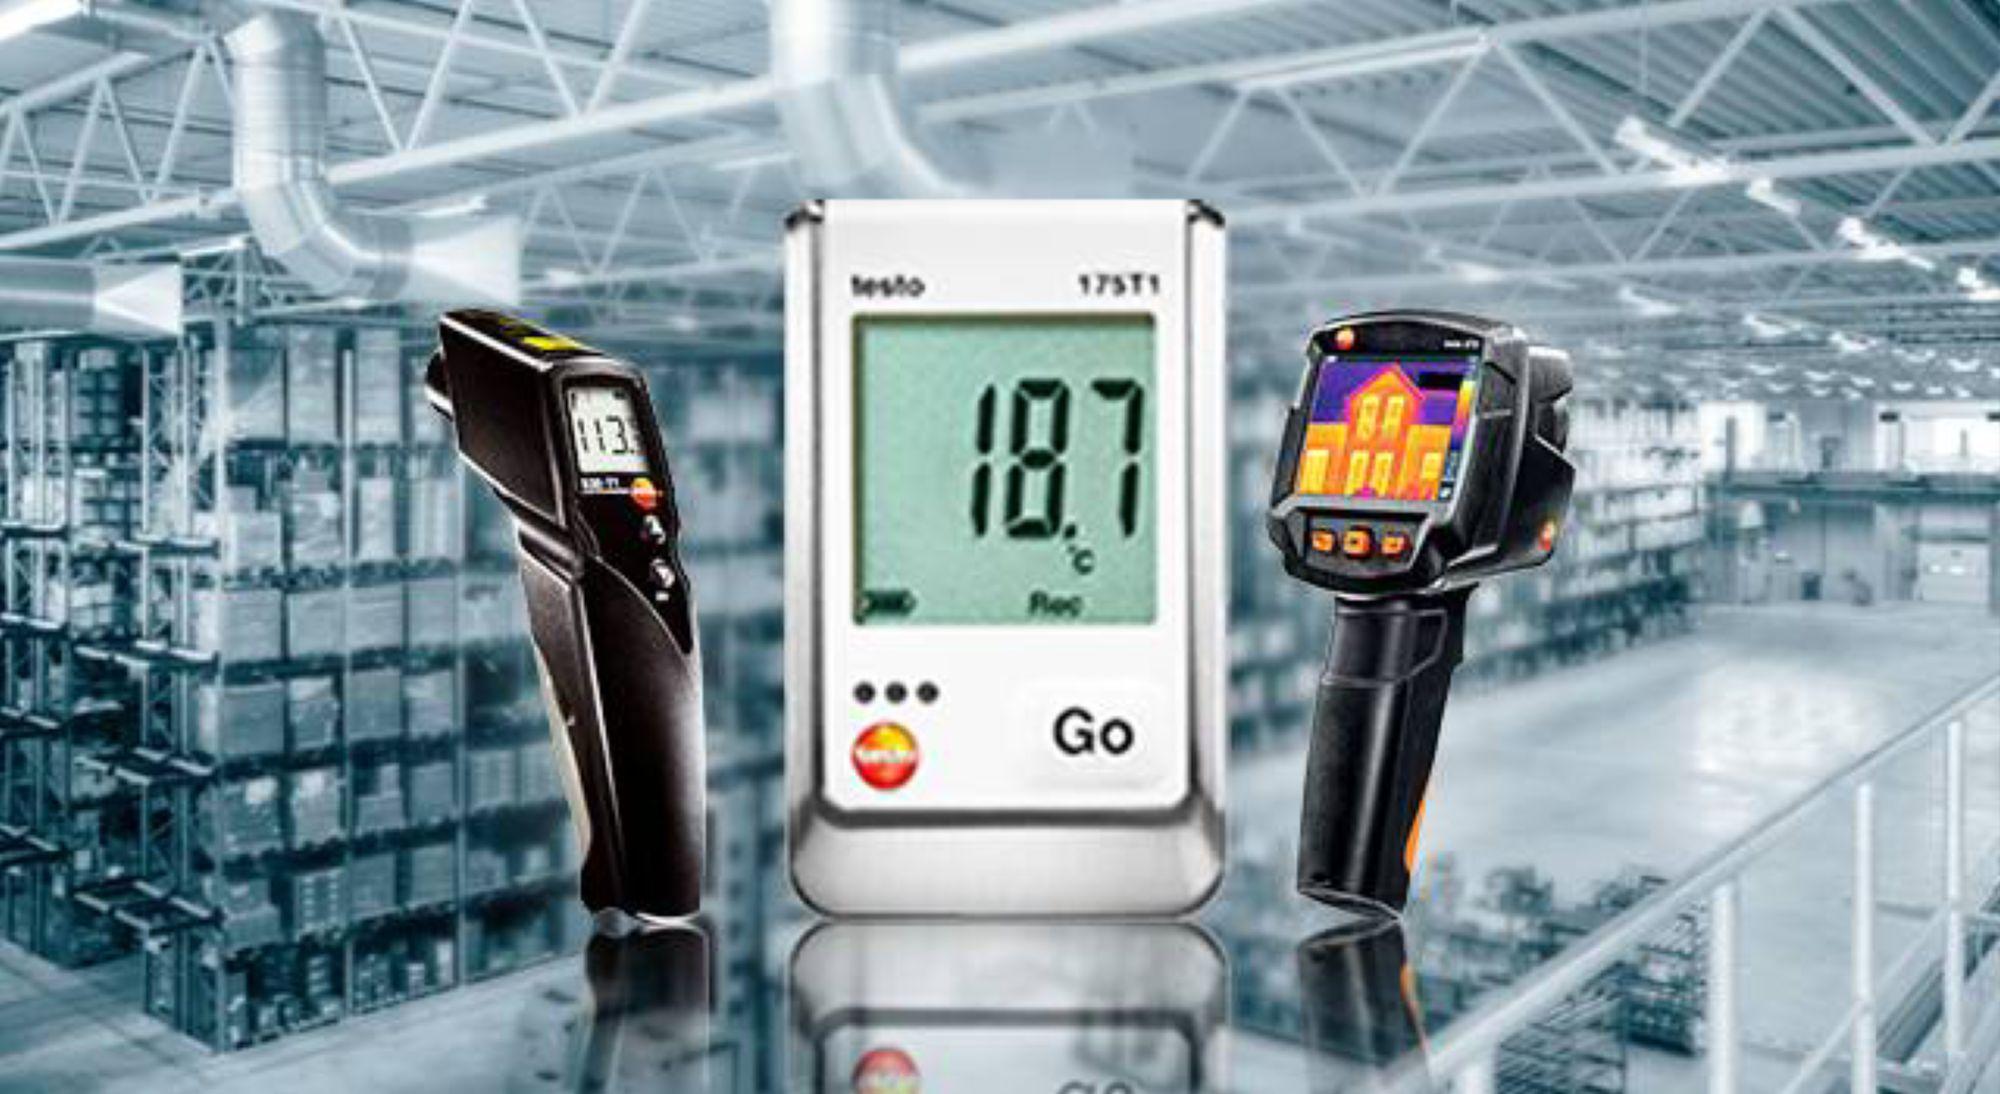 医药仓储设施设备验证与维护过程——设备组合推荐